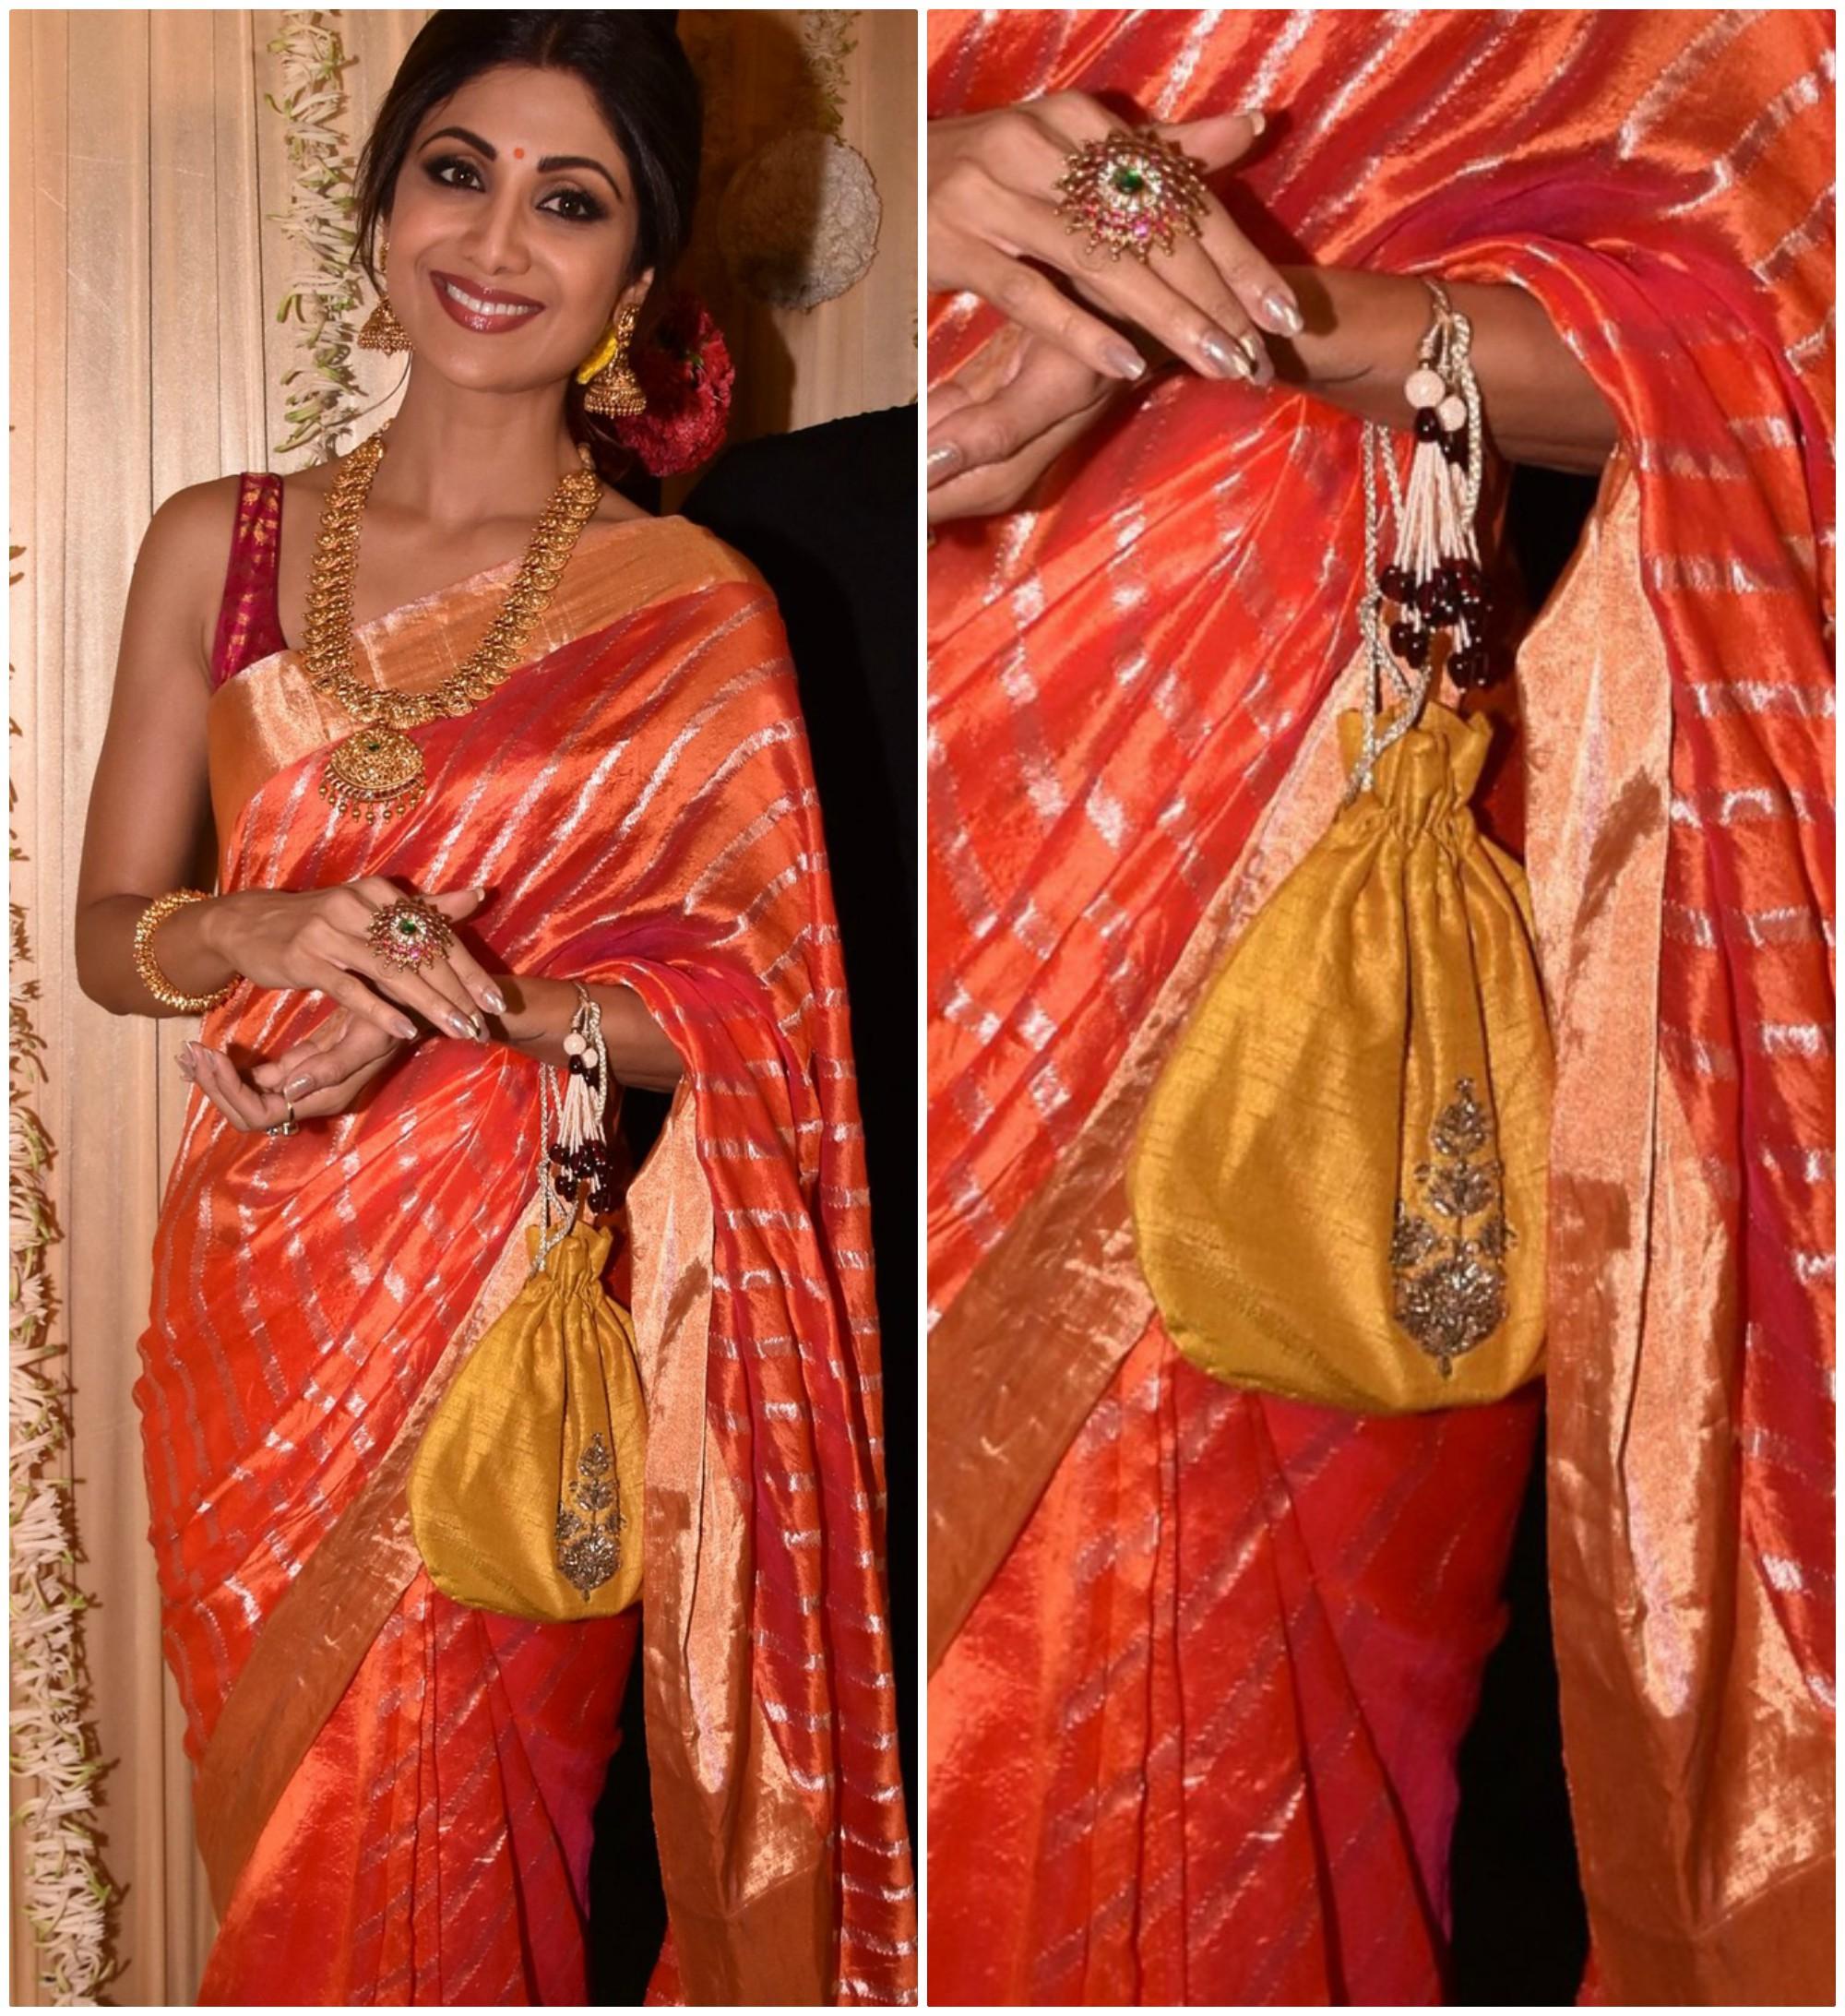 PunjabKesari, Silk Fabric Polti Bag Design Image, सिल्क फैब्रिक पोटली बैग डिज़ाइन इमेज